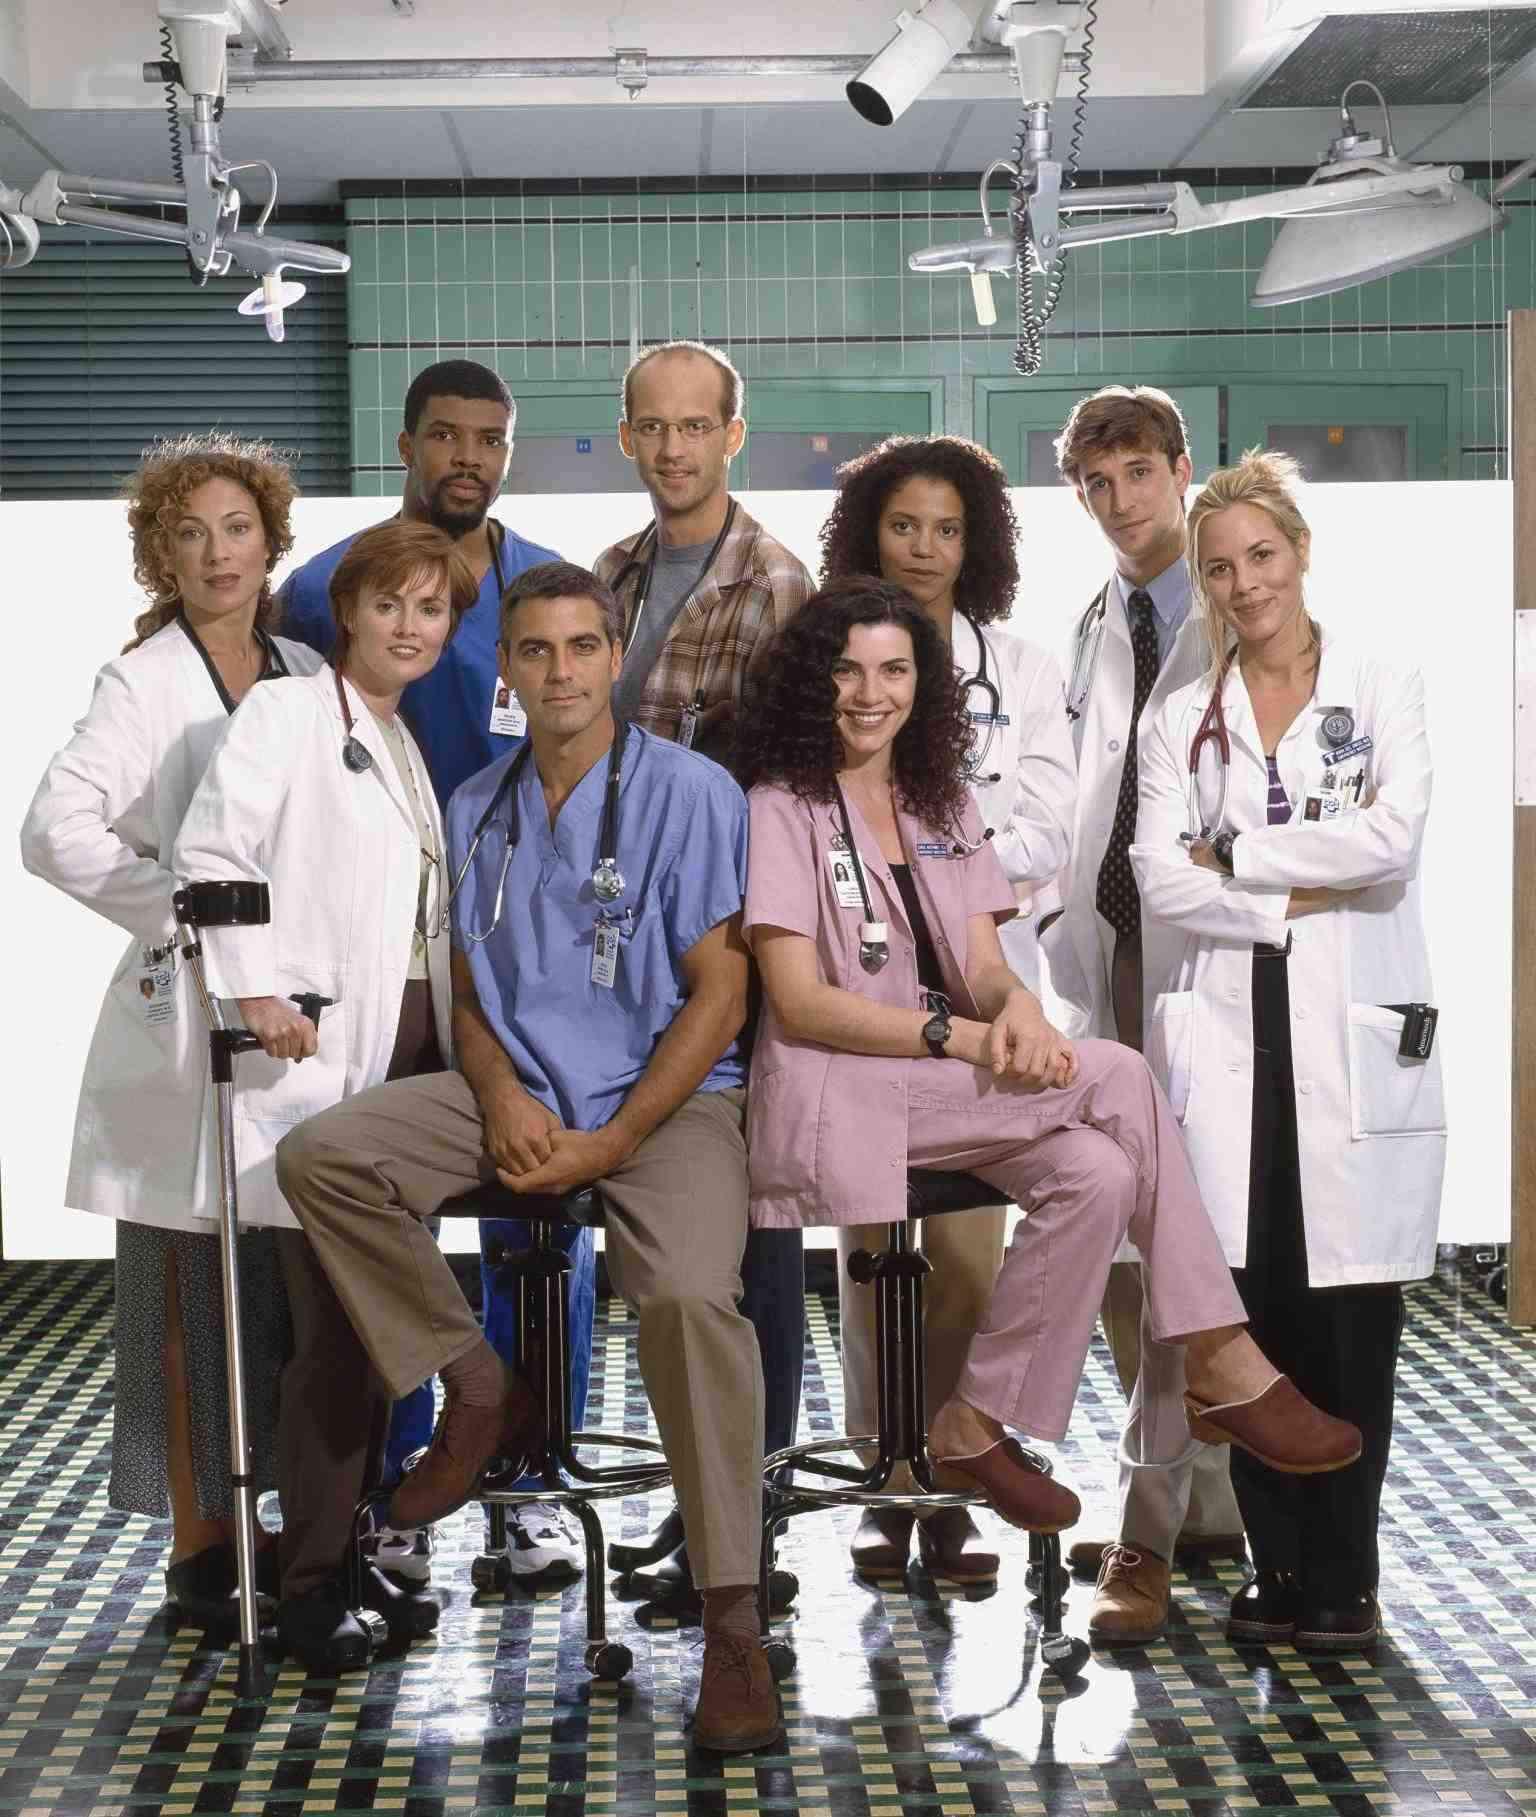 【あの人は今】ER緊急救命室で活躍したキャストたちの今 | 海外ドラマboard